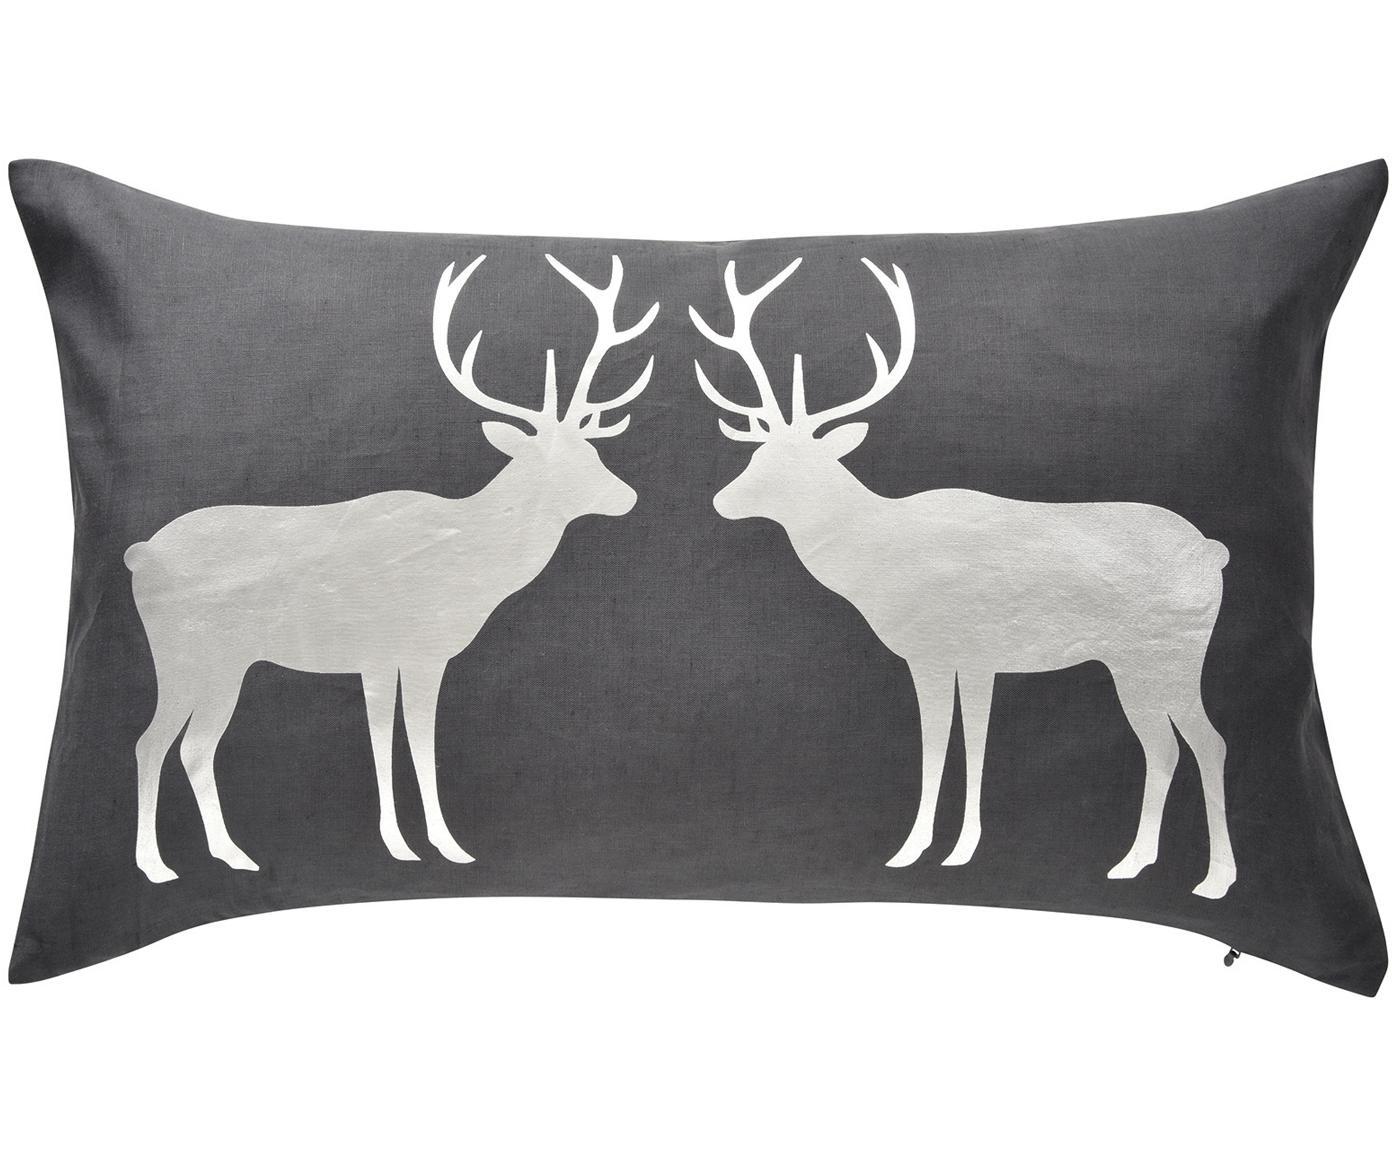 Kussenhoes Forrest met glanzend hertpatroon, 55% linnen, 45% katoen, Antraciet, zilvergrijs, 35 x 60 cm